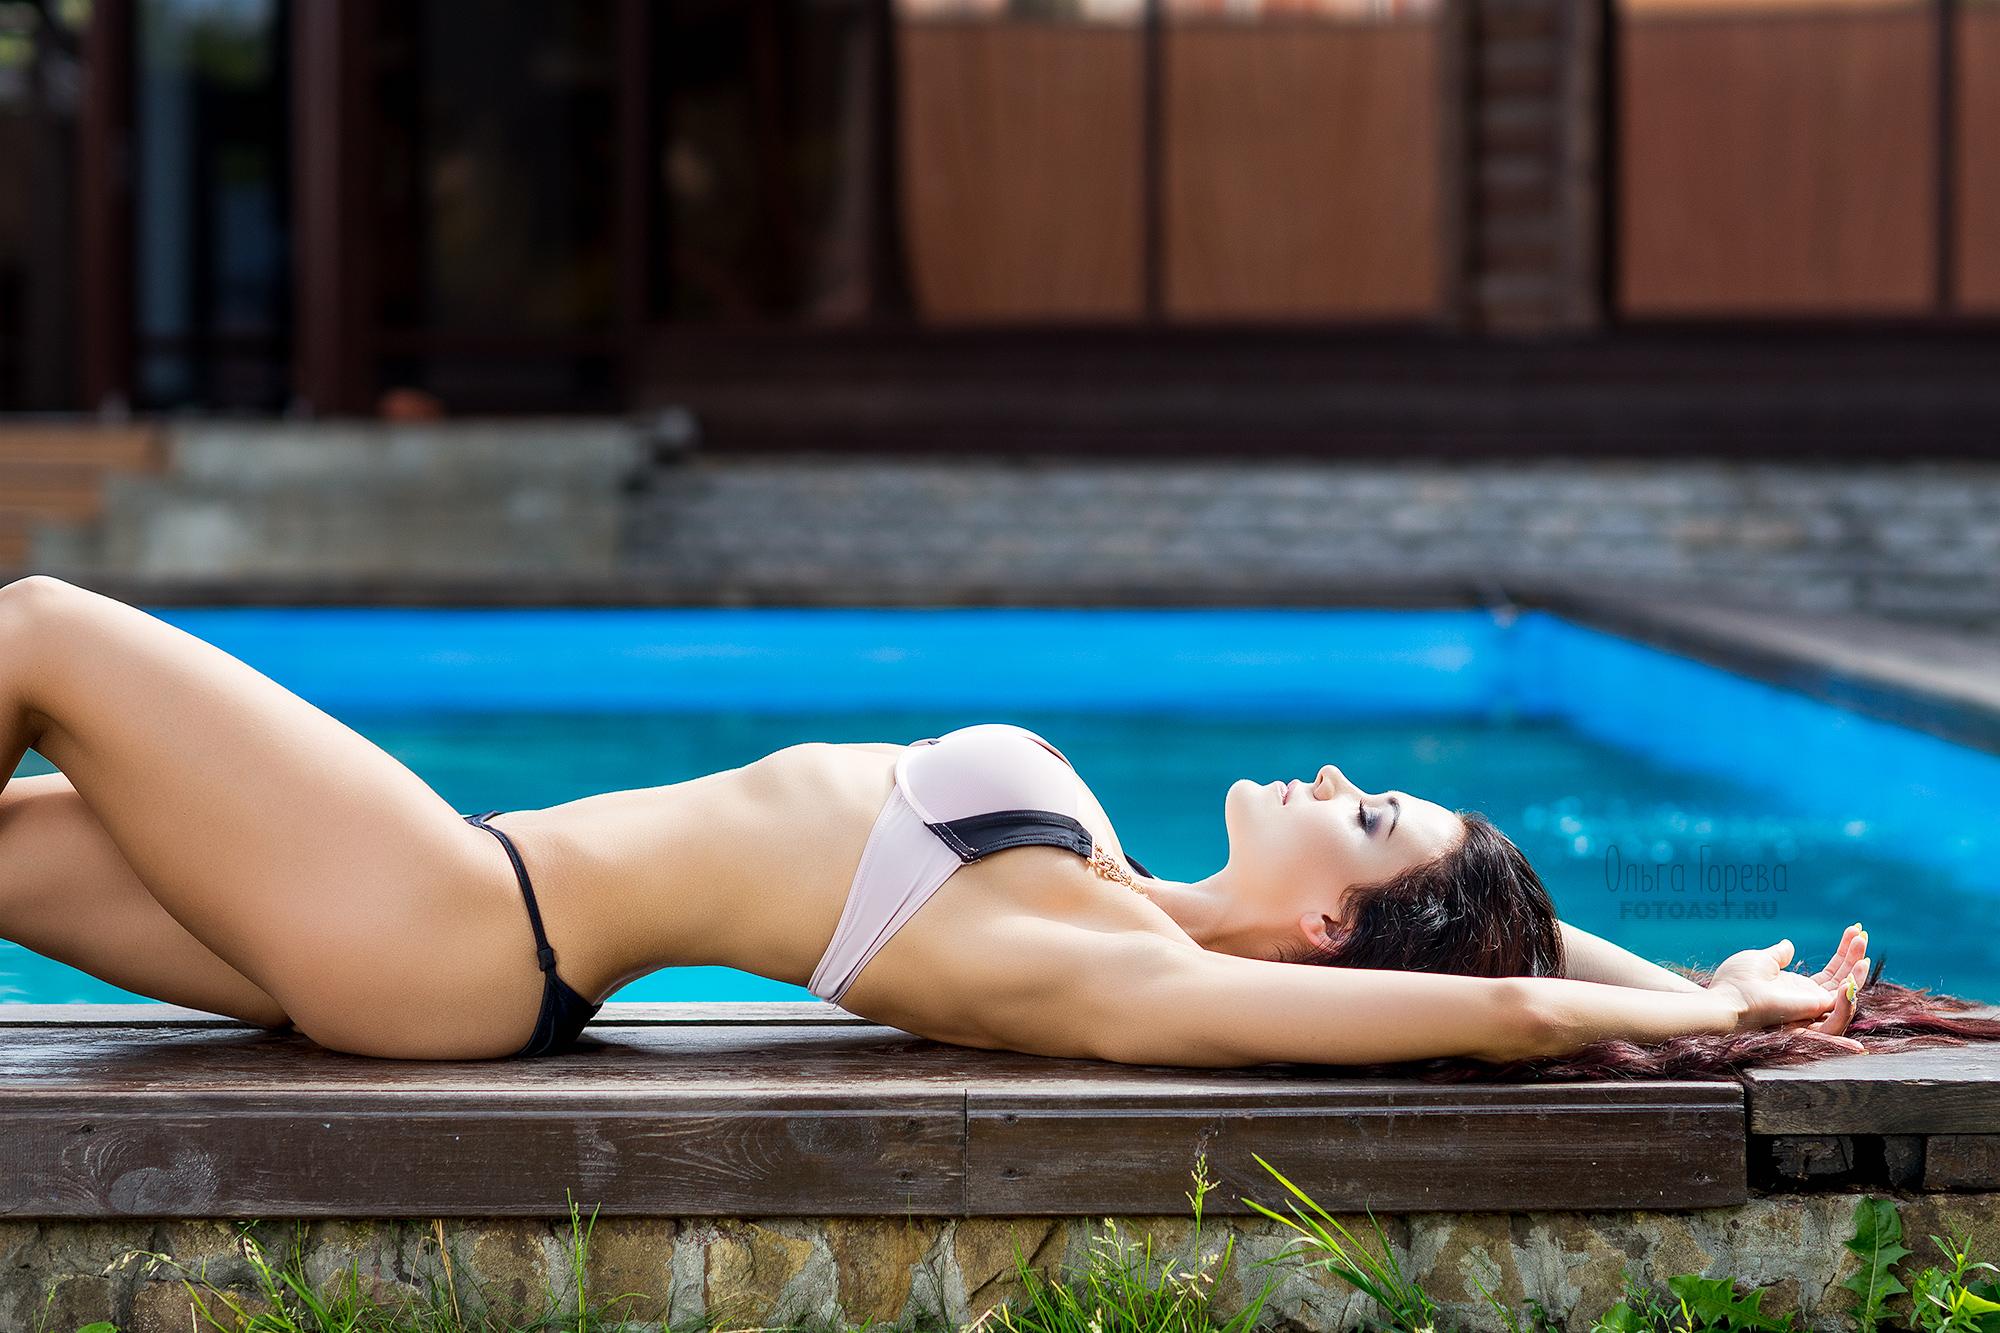 Фотосессия возле бассейна красивая брюнетка видео, русское порно онлайн с проститутками скрытые камеры